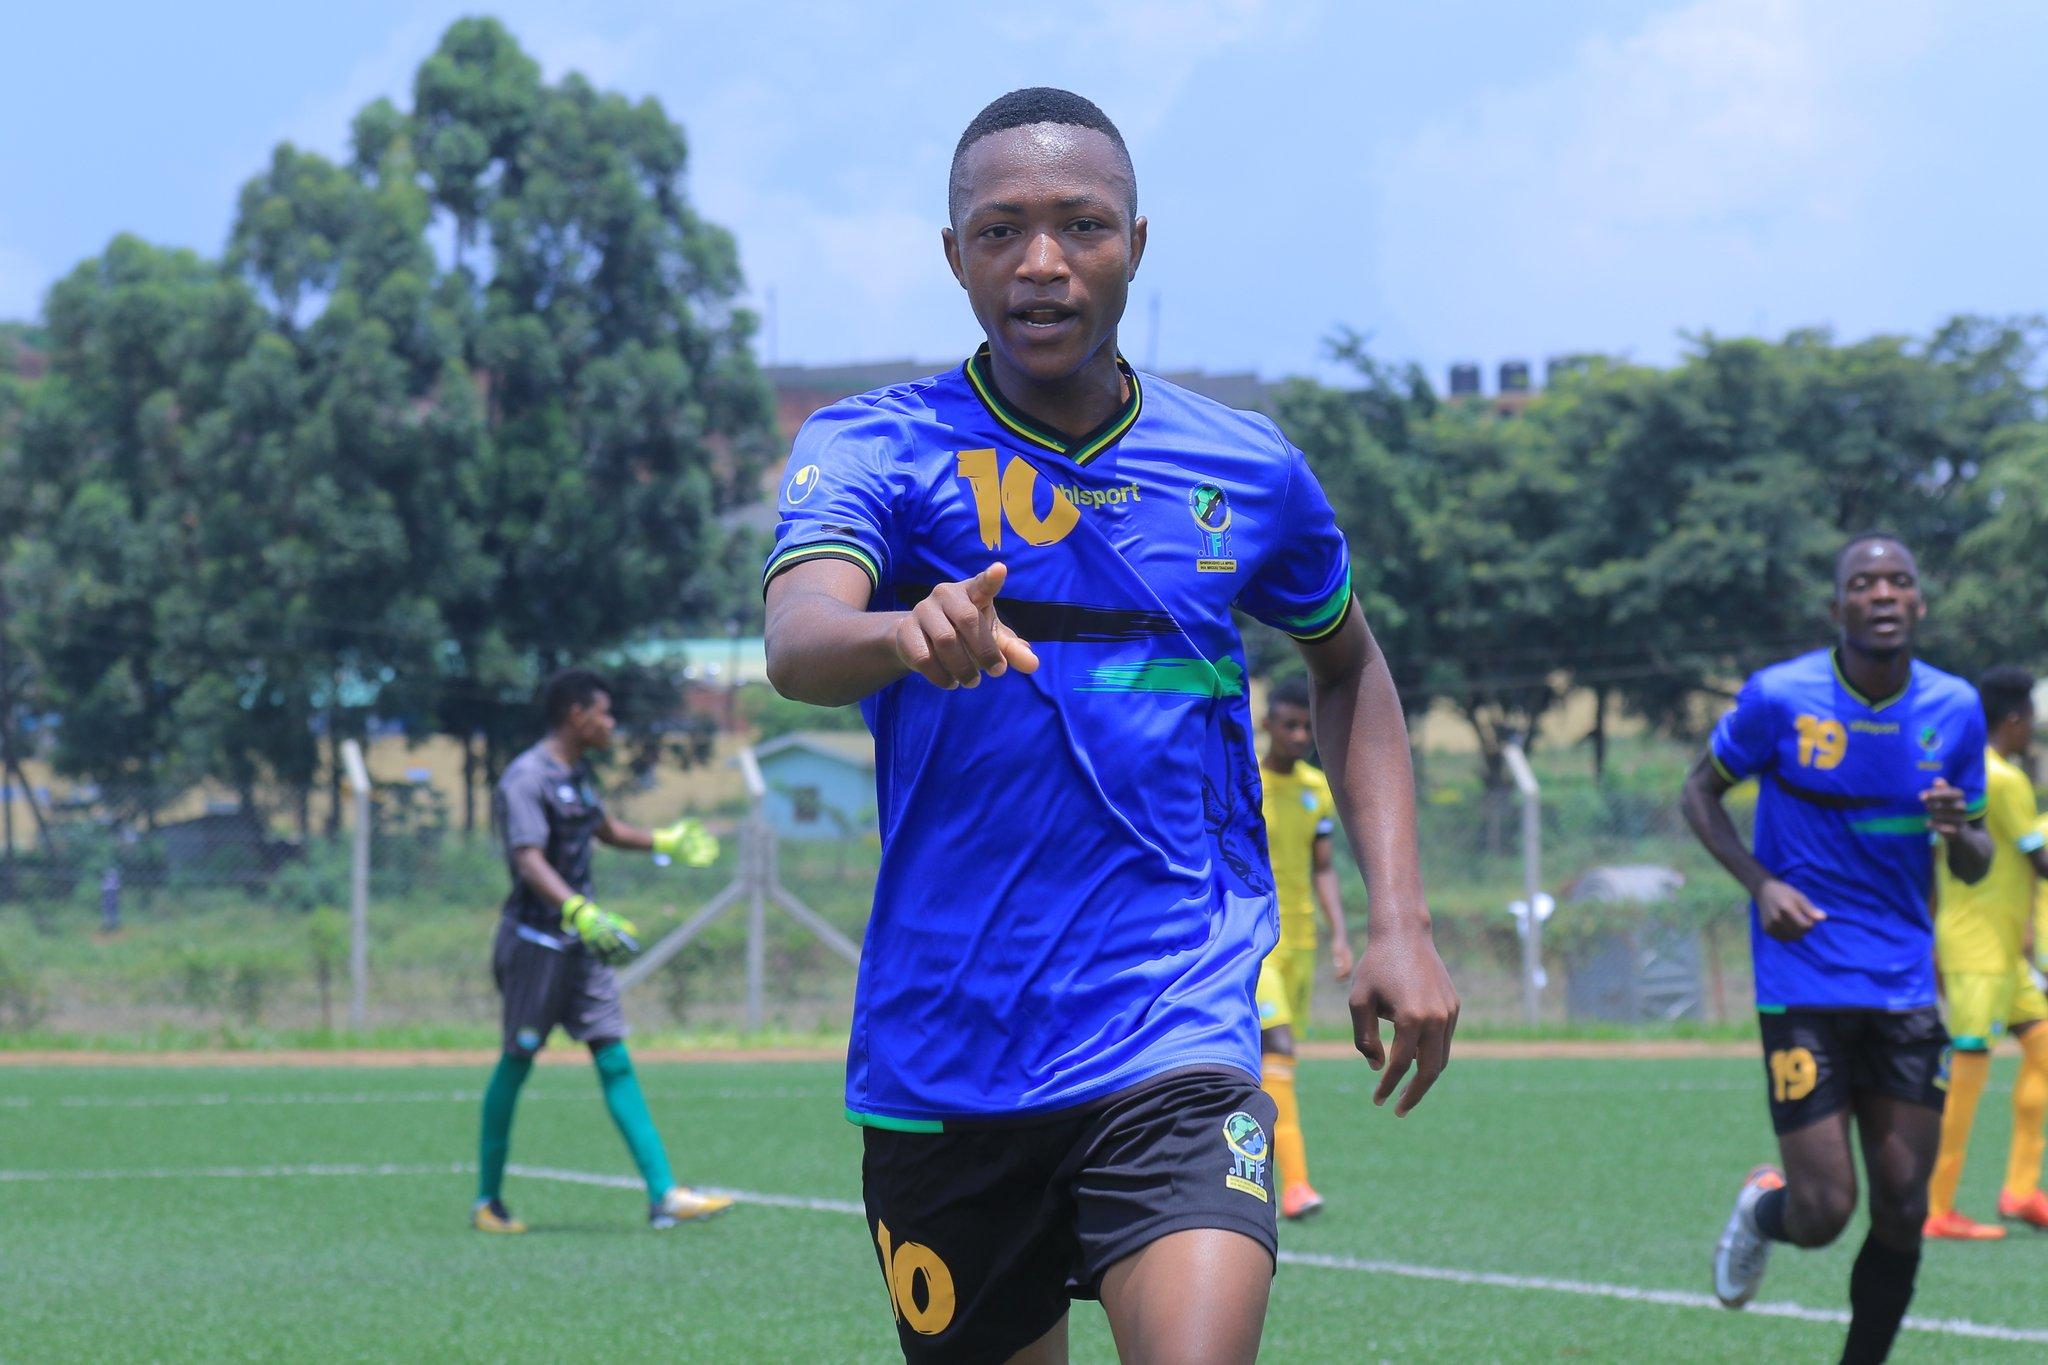 Le jeune tanzanien kelvin john rejoindra Genk en Belgique la saison prochaine.